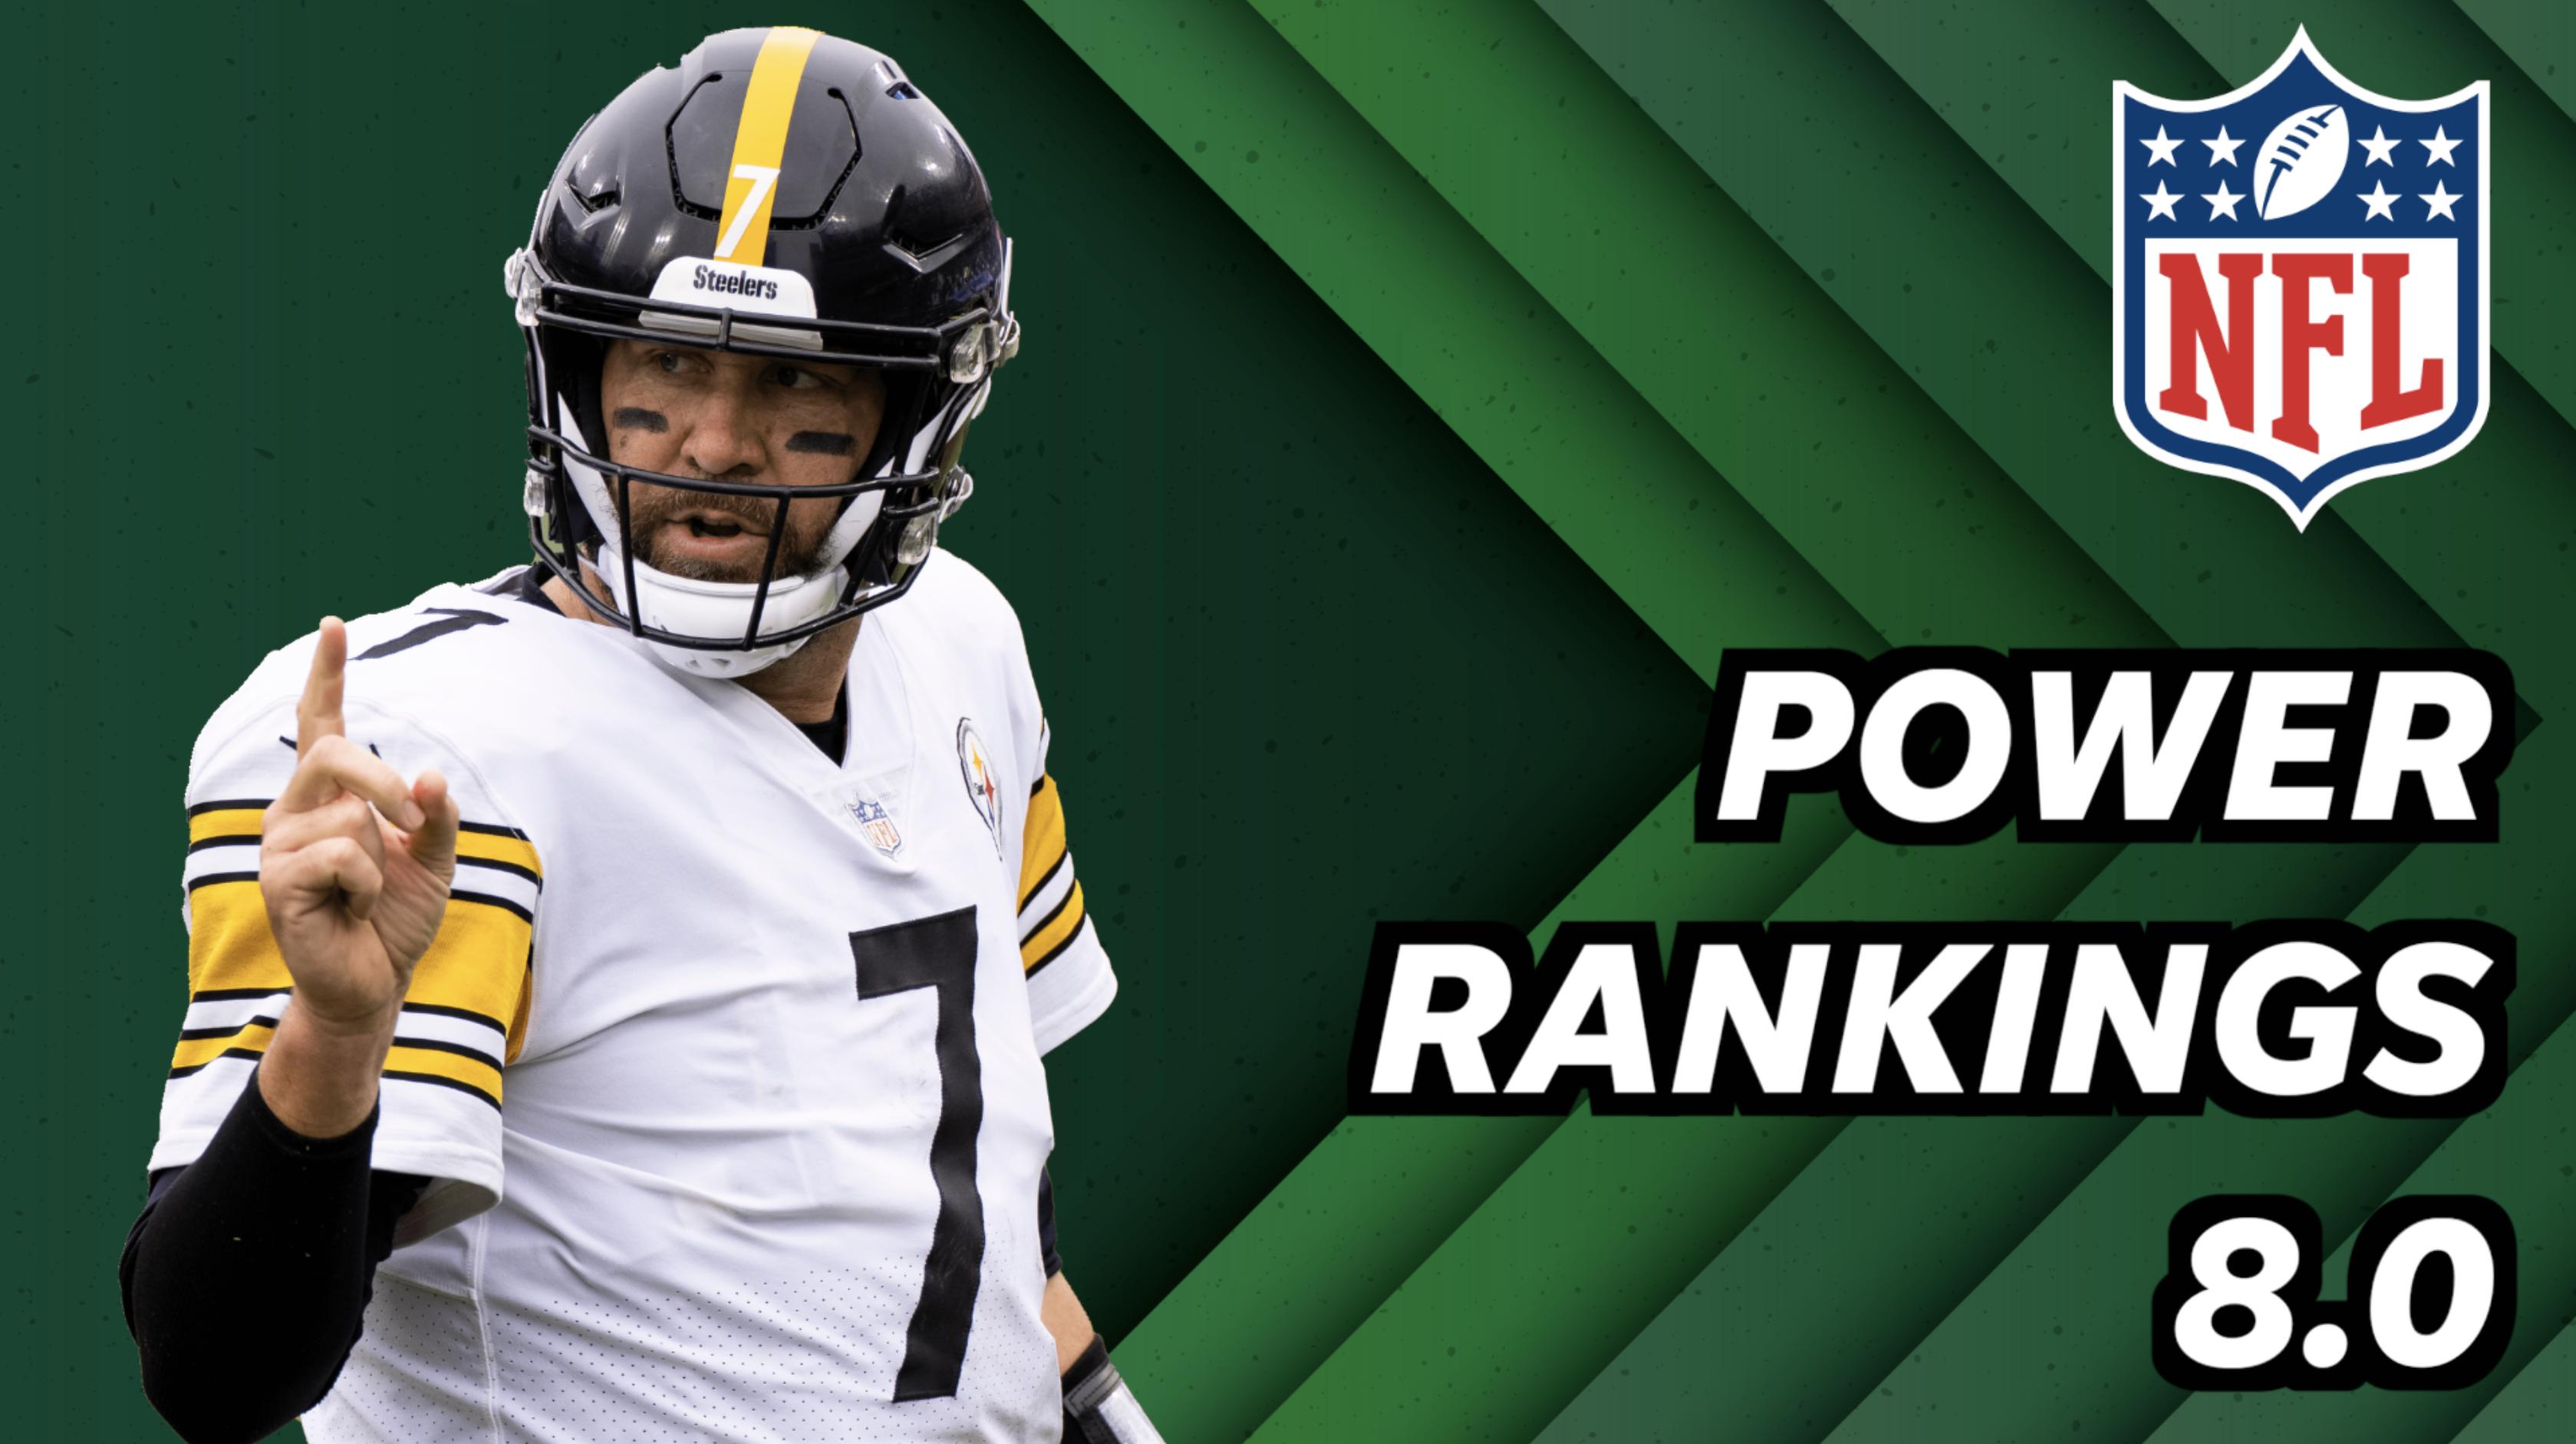 NFL Power rankings 8.0: Steelers sobe para o primeiro lugar